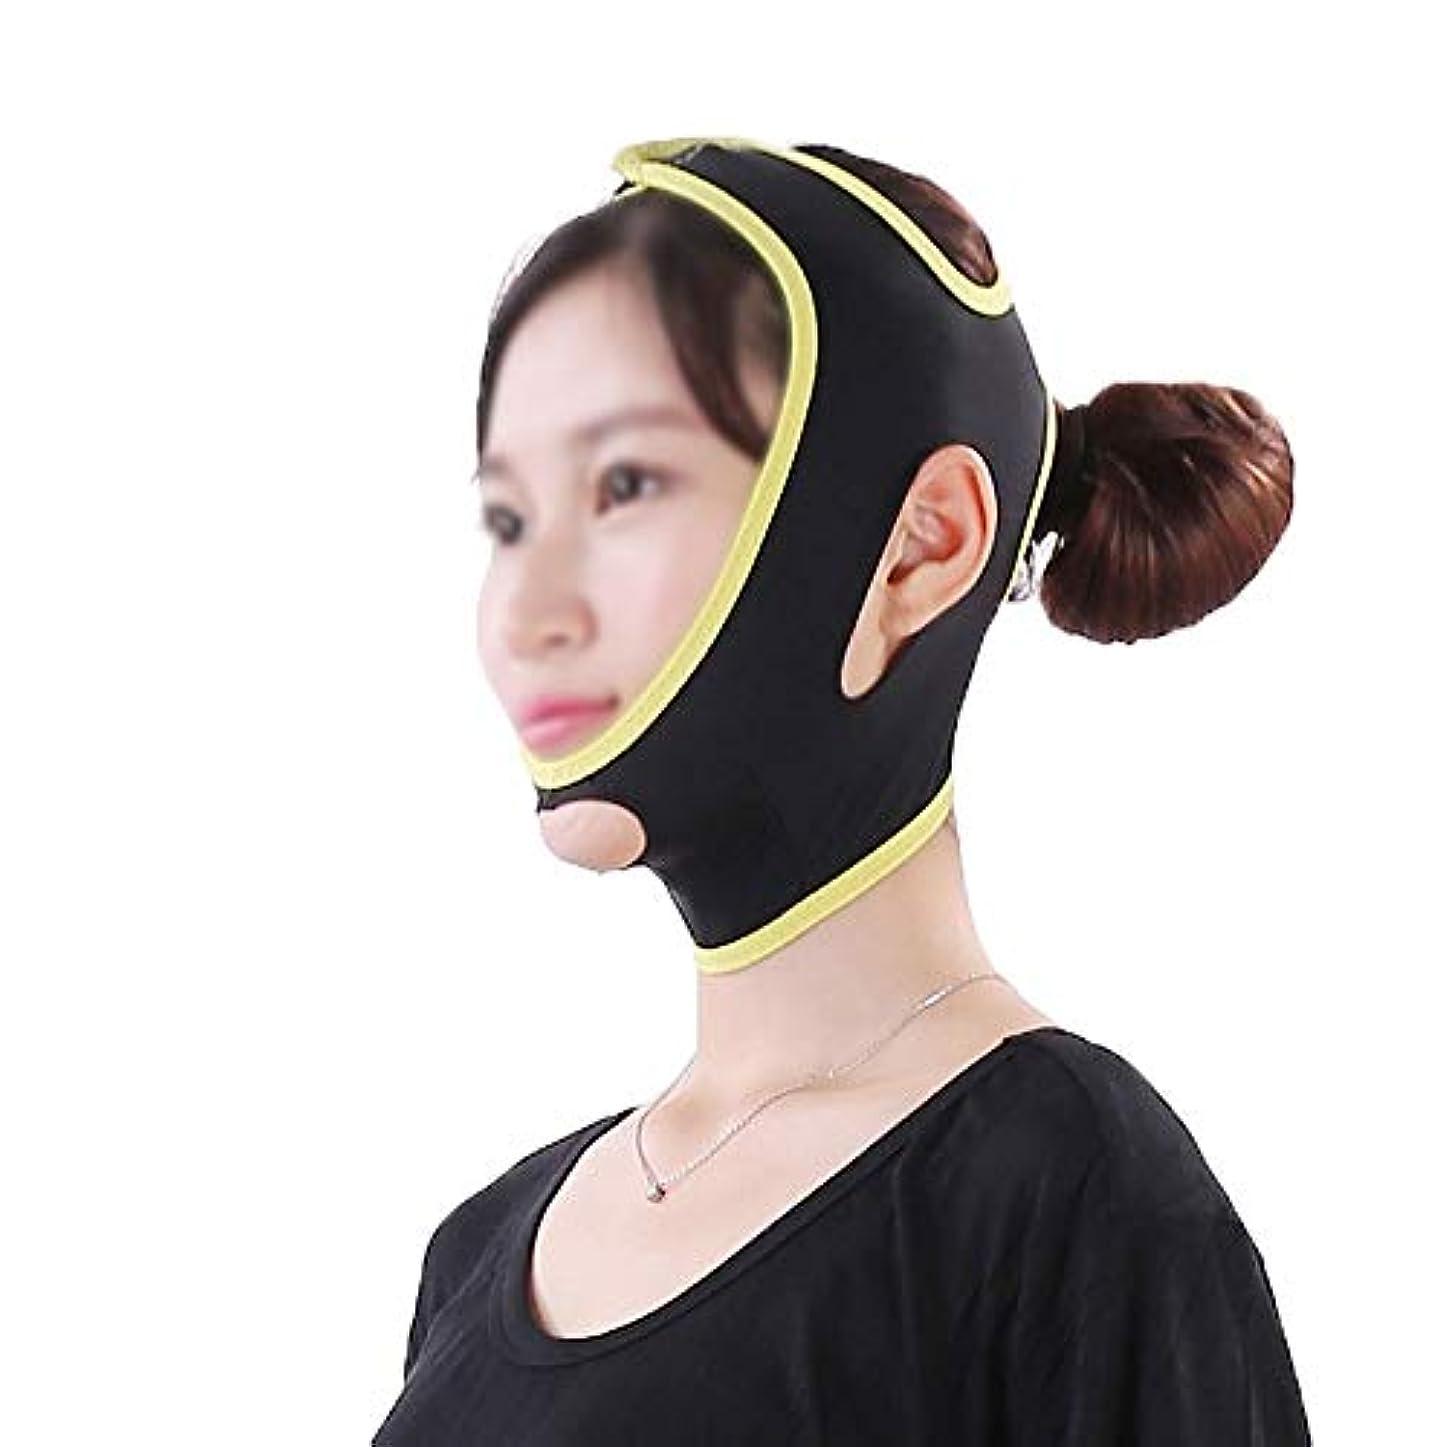 気づくなるバイナリ規制するフェイス&ネックリフト、フェイスリフトマスク強力なフェイスマスクフェイスリフトアーチファクトフェイスリフティングフェイスリフティングツールフェイスリフティング包帯薄いフェイスマスク美容マスク (Size : L)